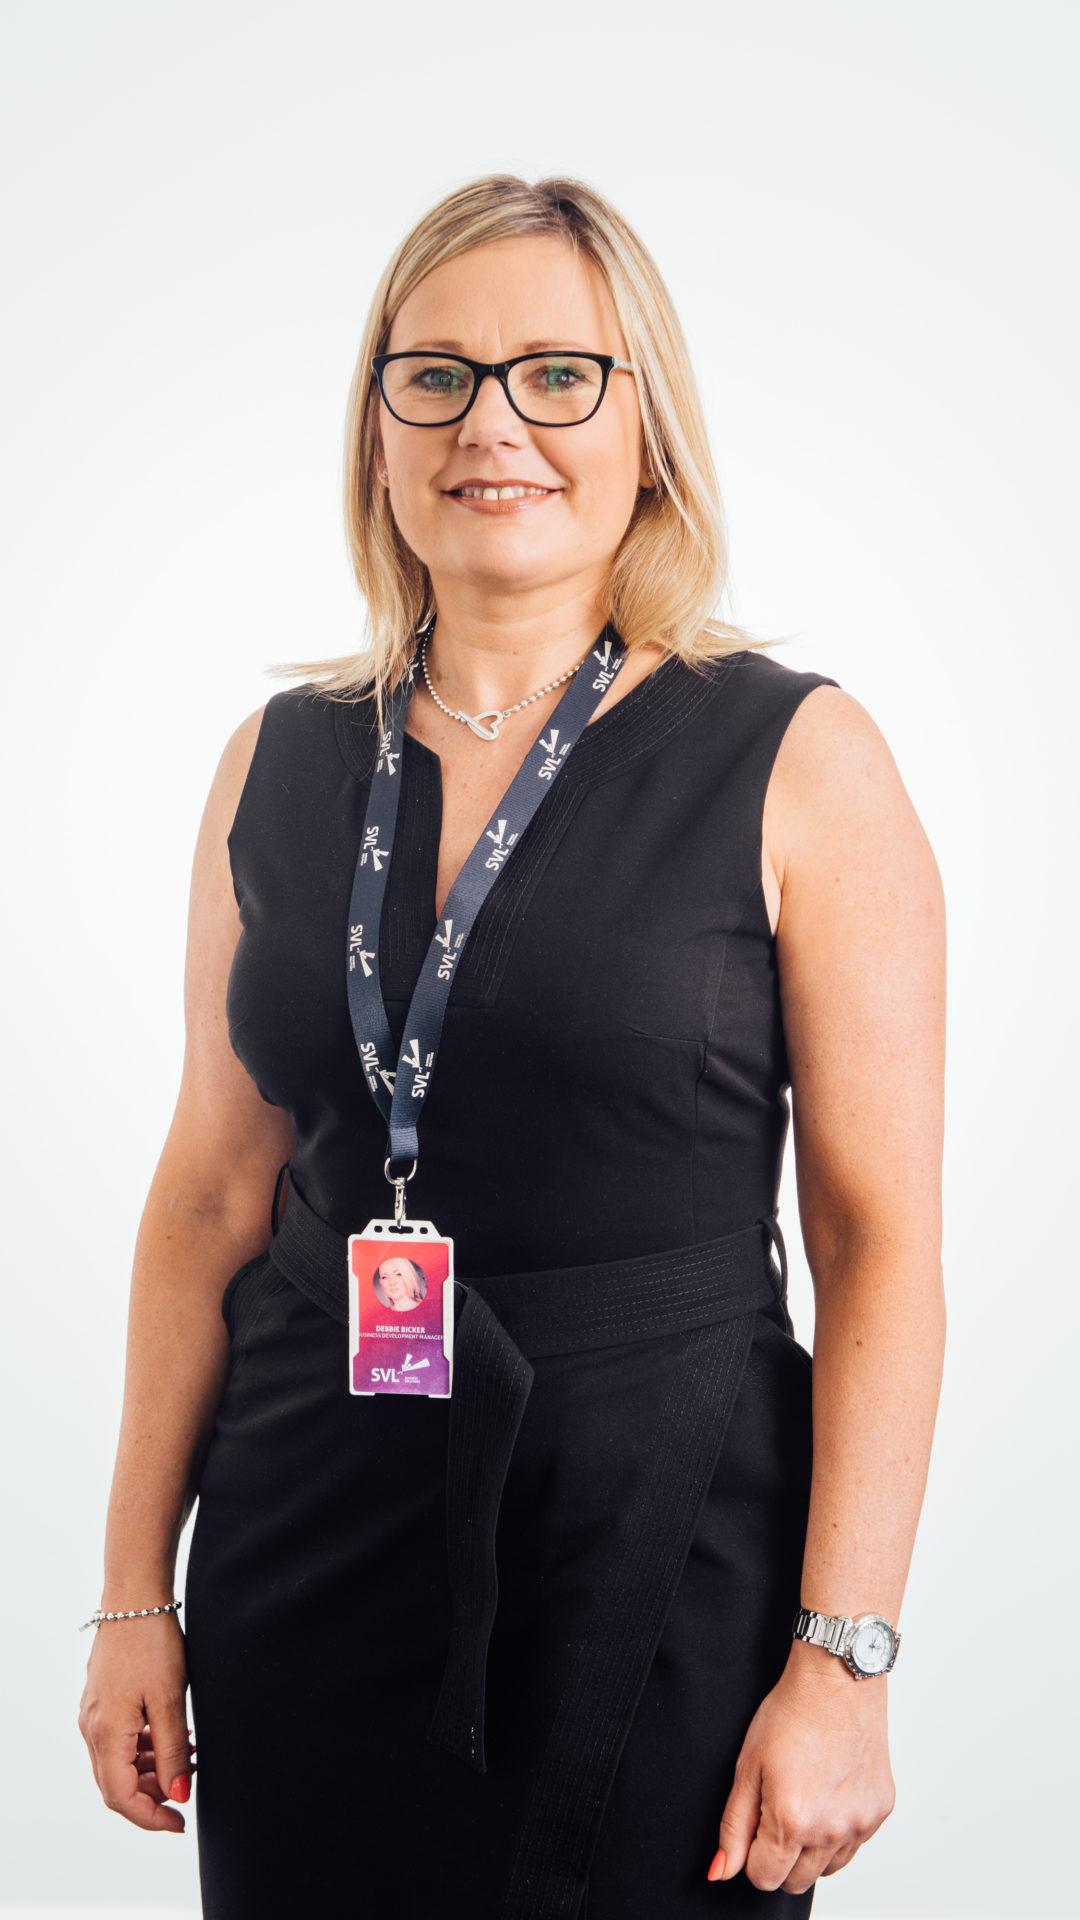 Debbie Bicker